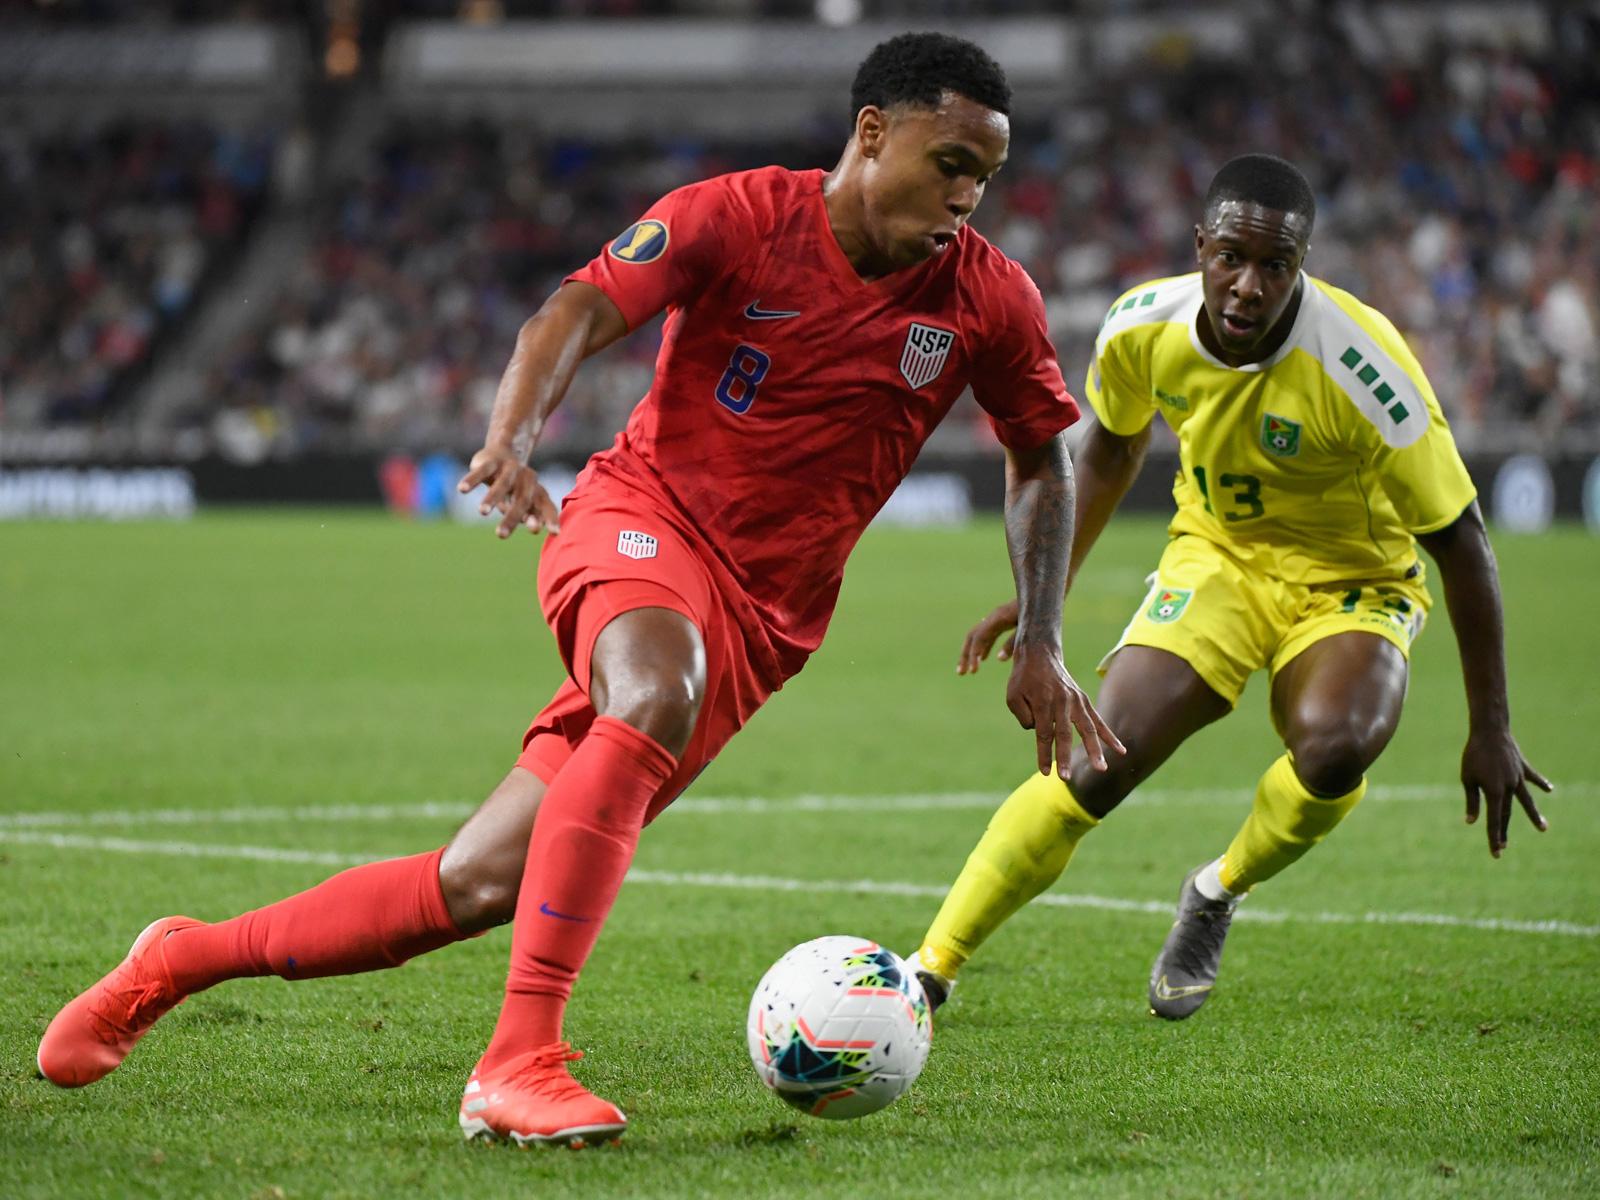 Weston McKennie was injured in the USA's win over Guyana